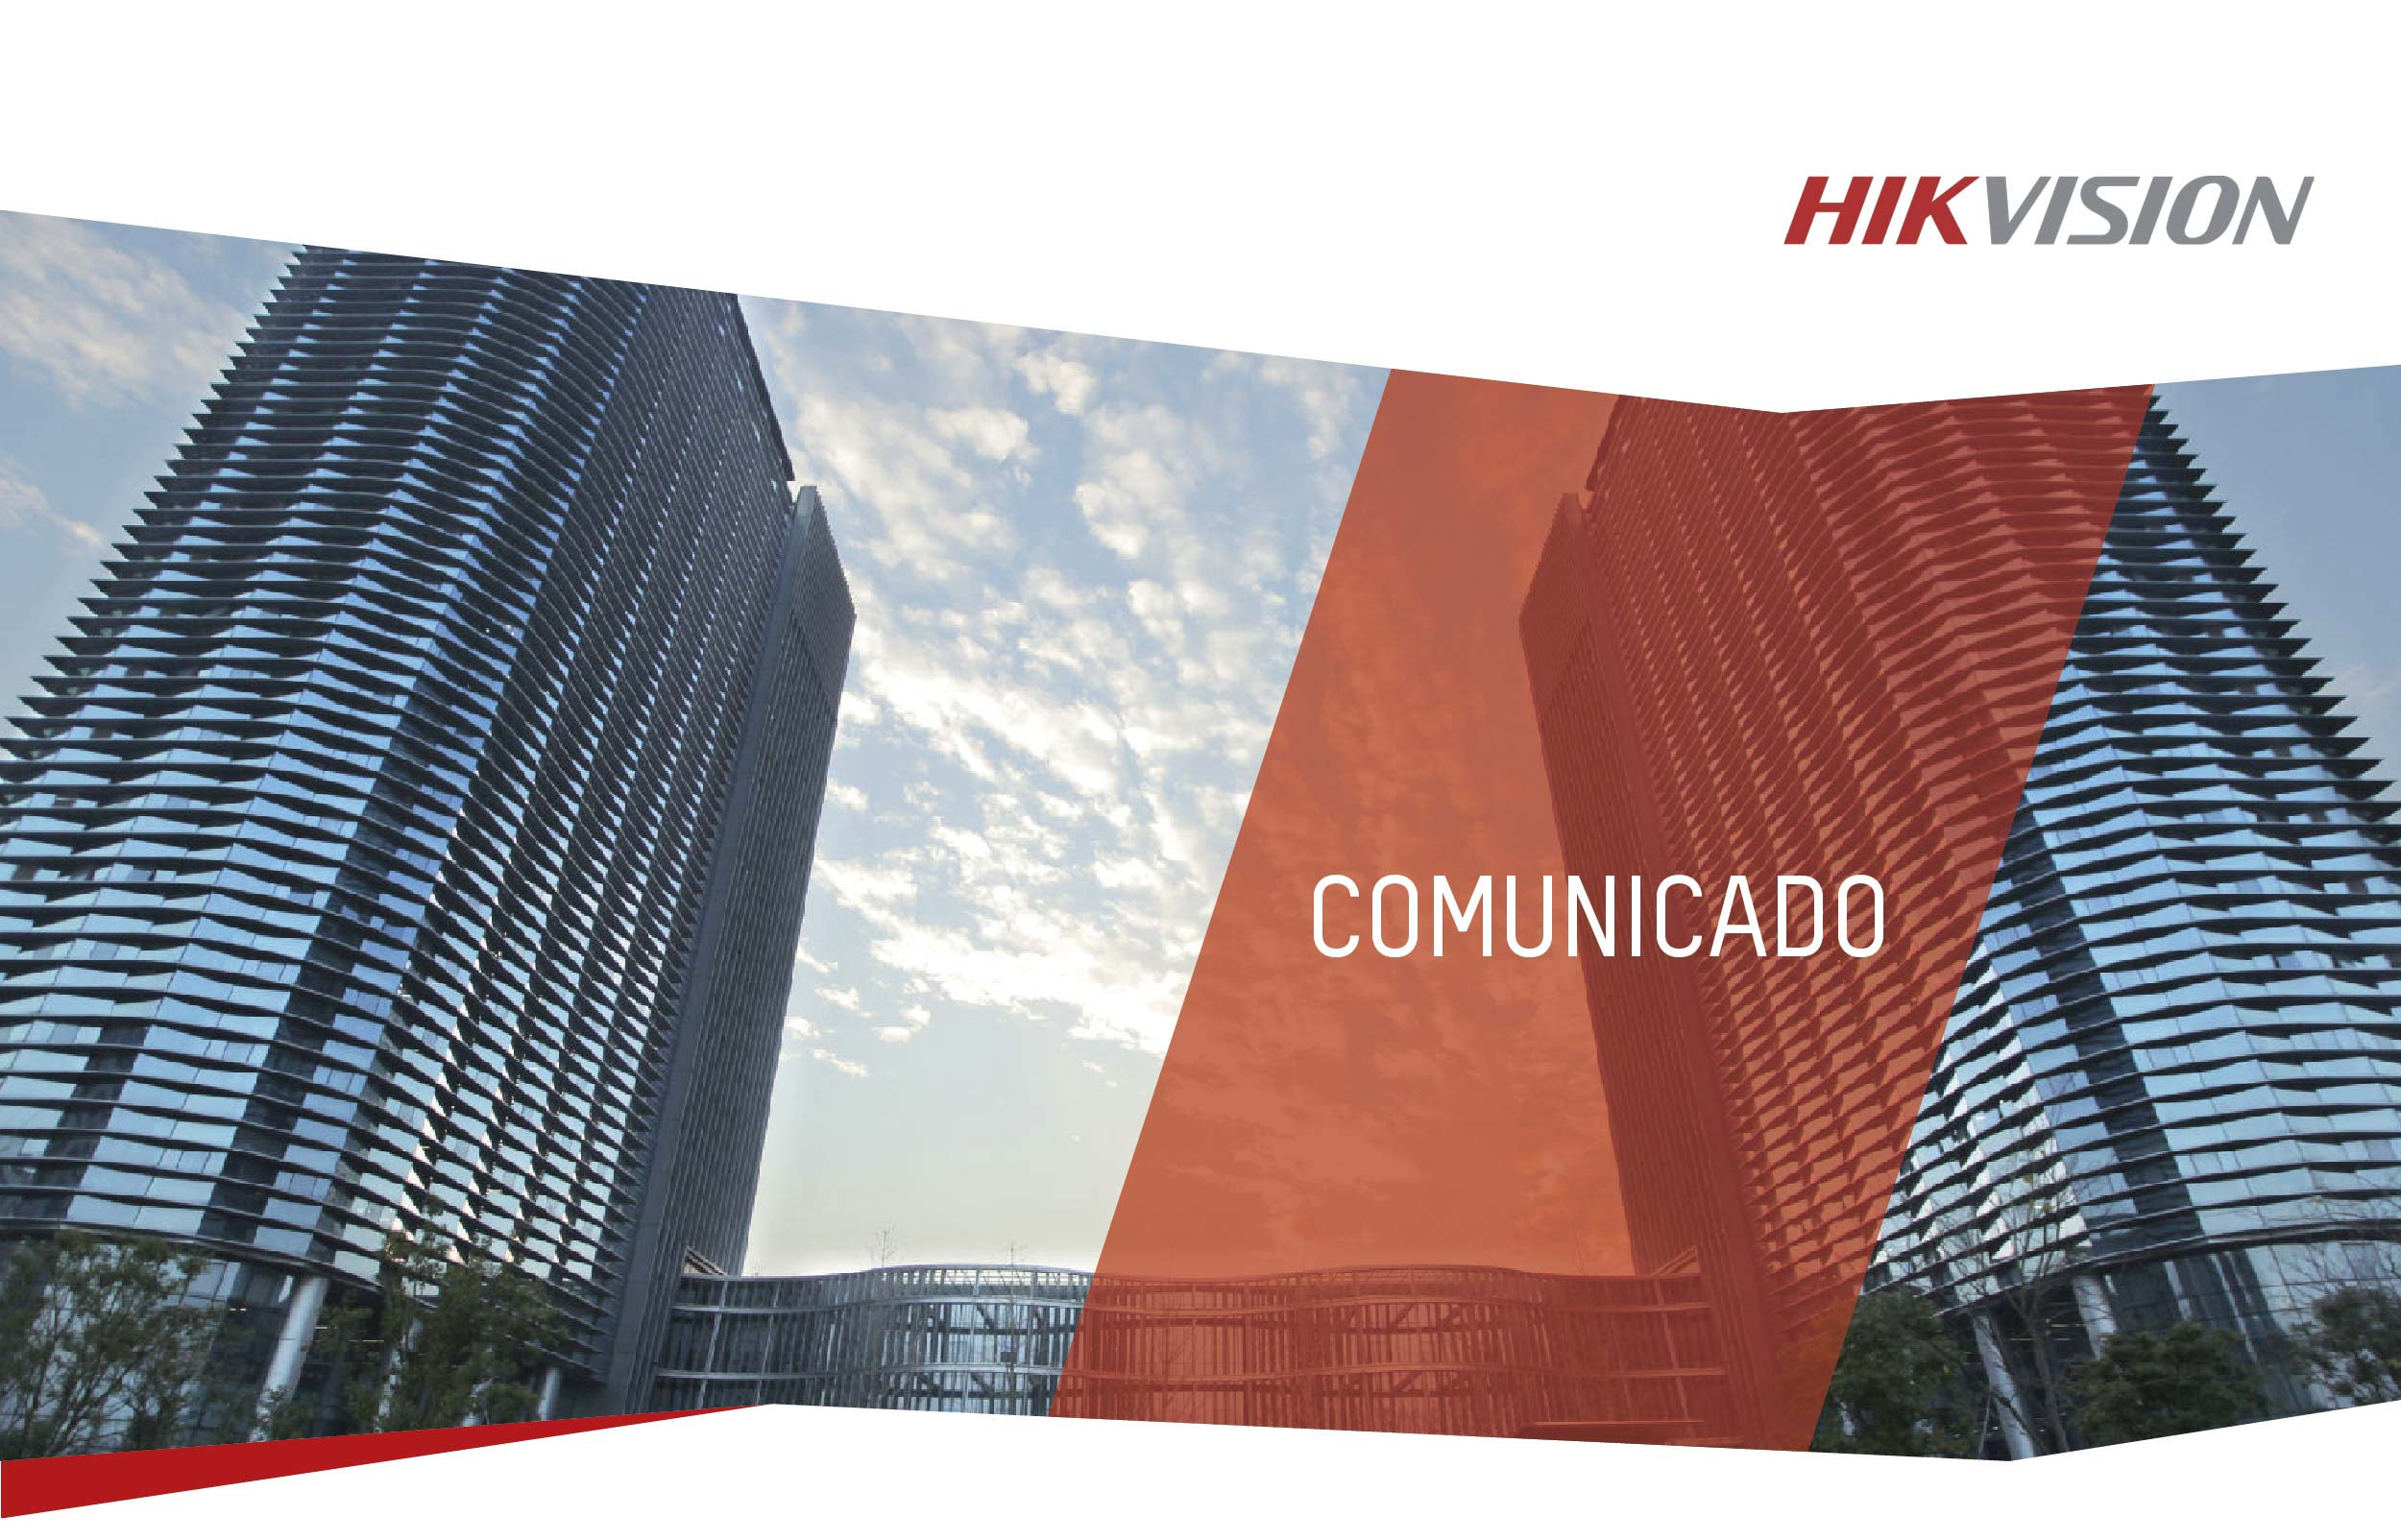 Comunicado Hikvision